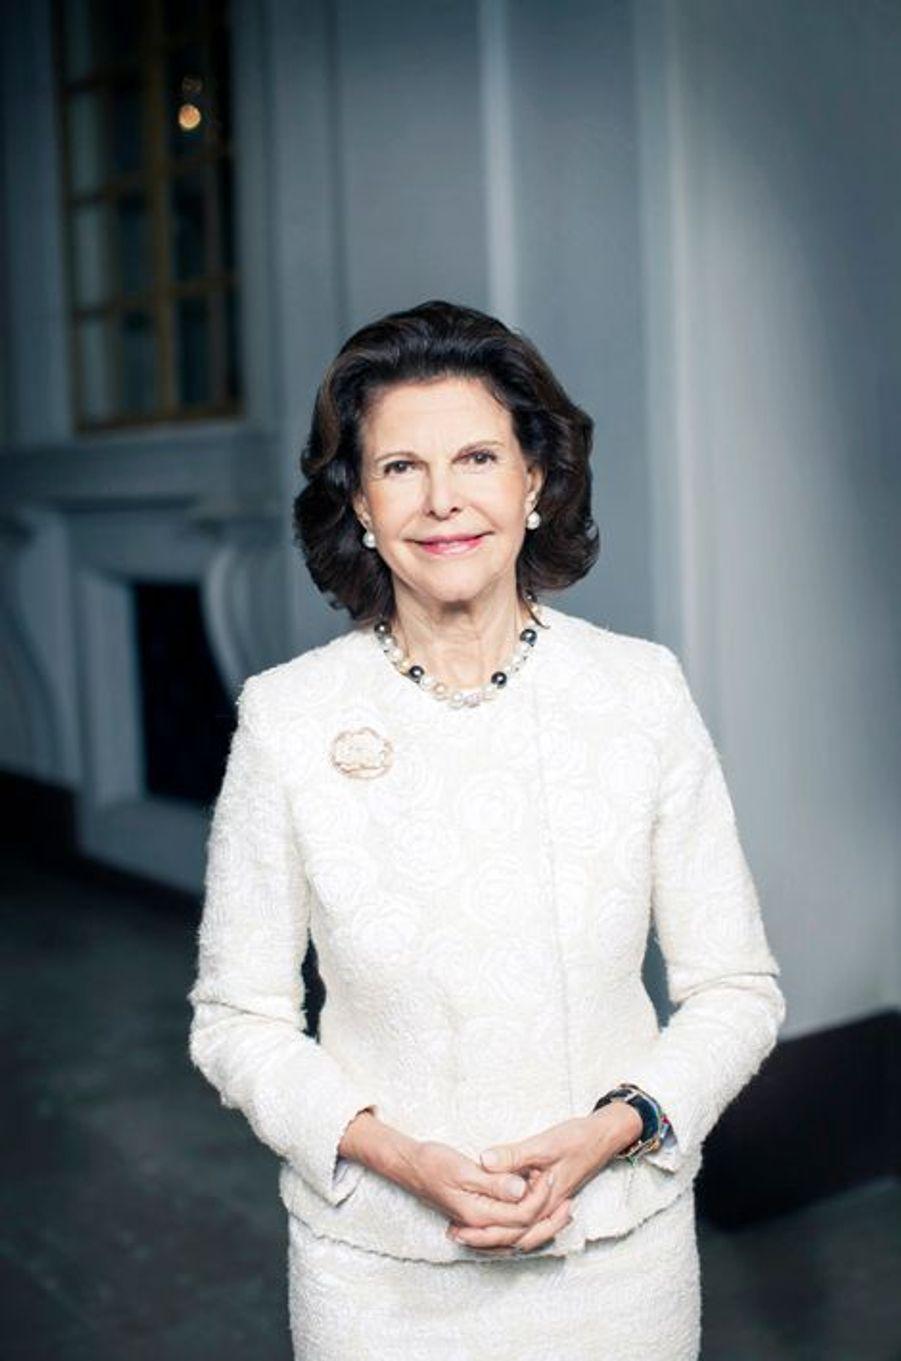 Nouveau portrait de la reine Silvia de Suède